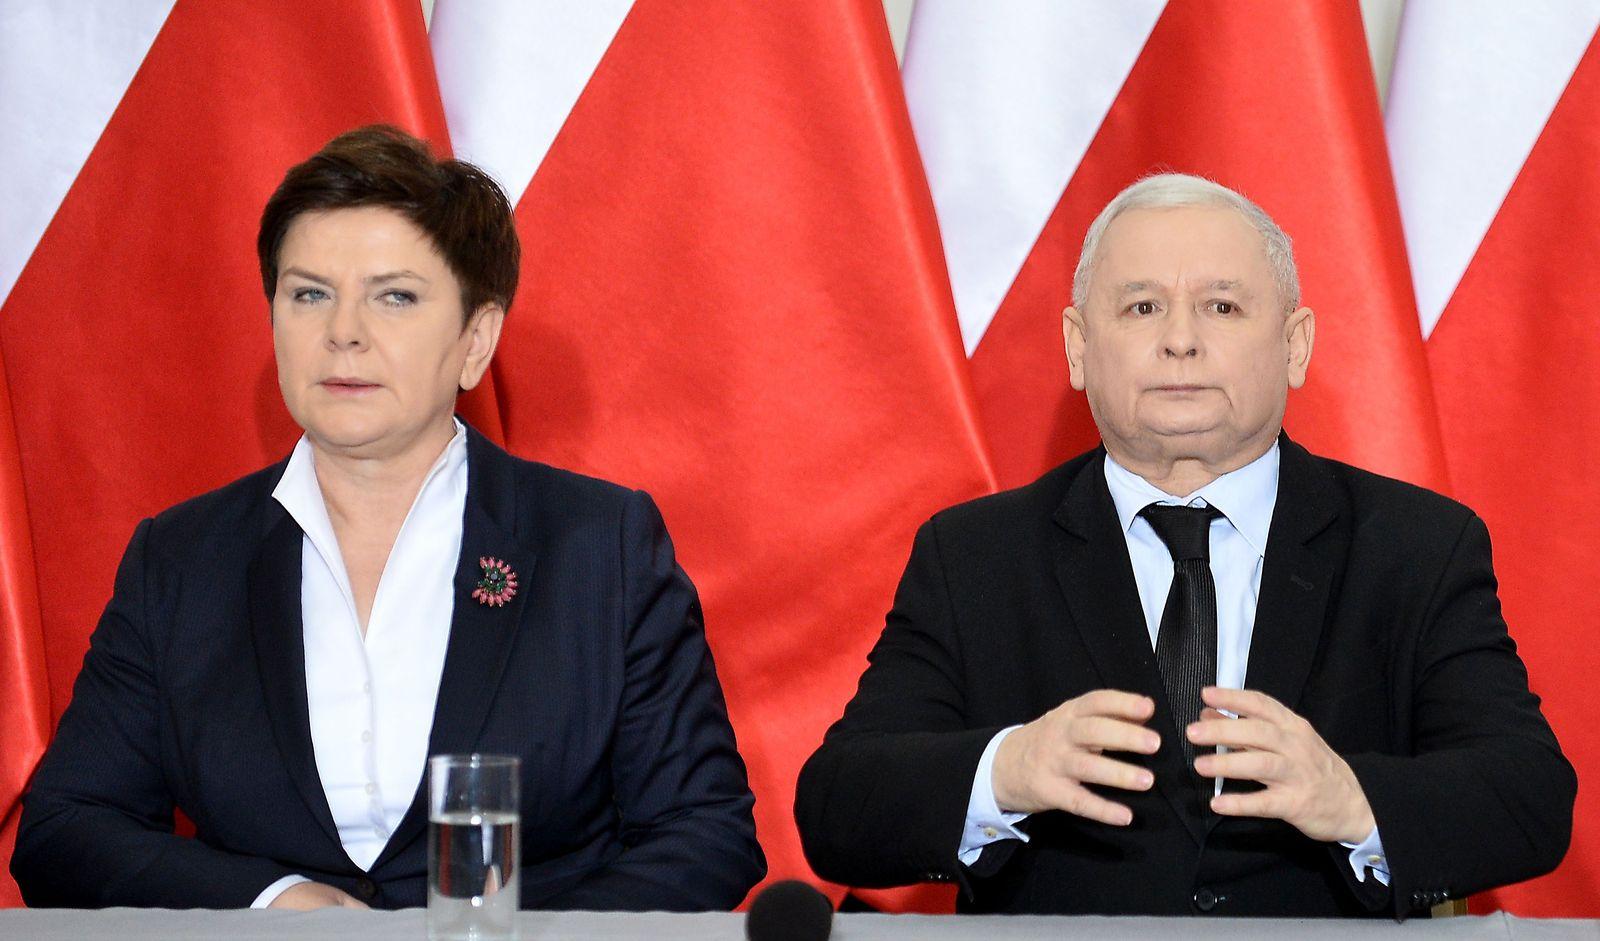 Szydlo & Kaczynski